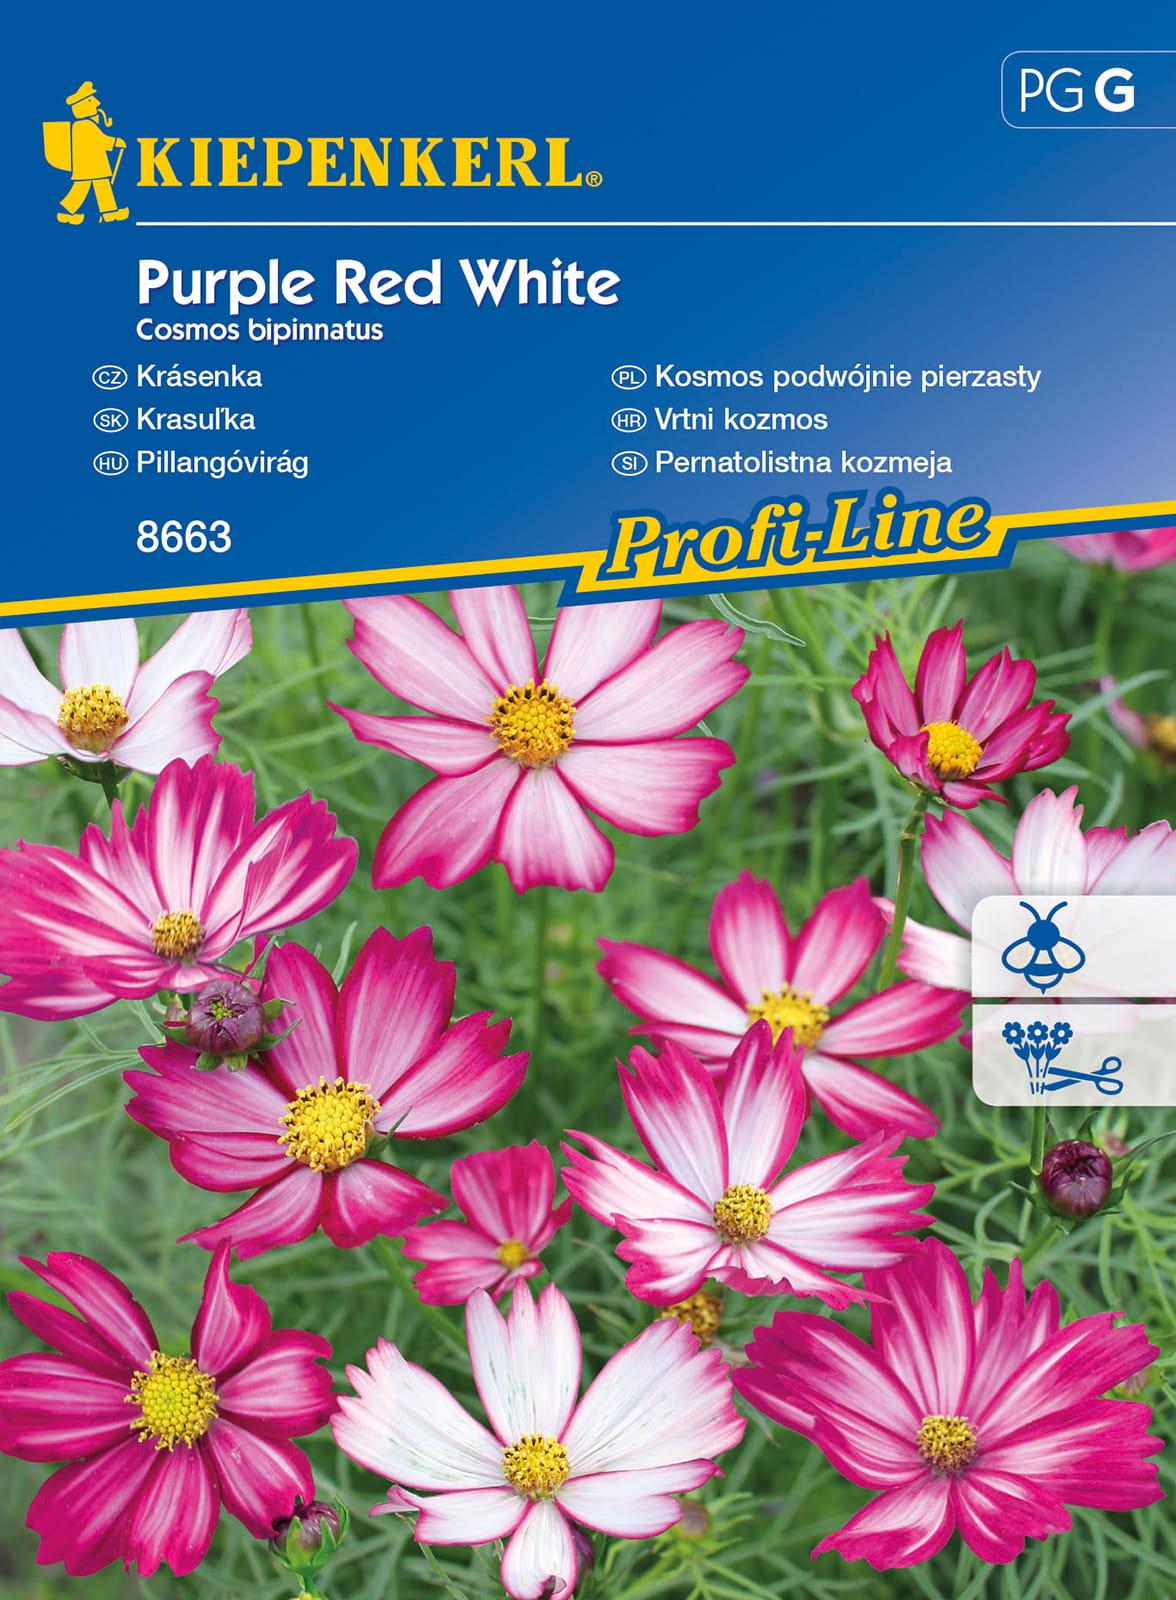 Kosmos podwójnie pierzasty 'Purple Red White'